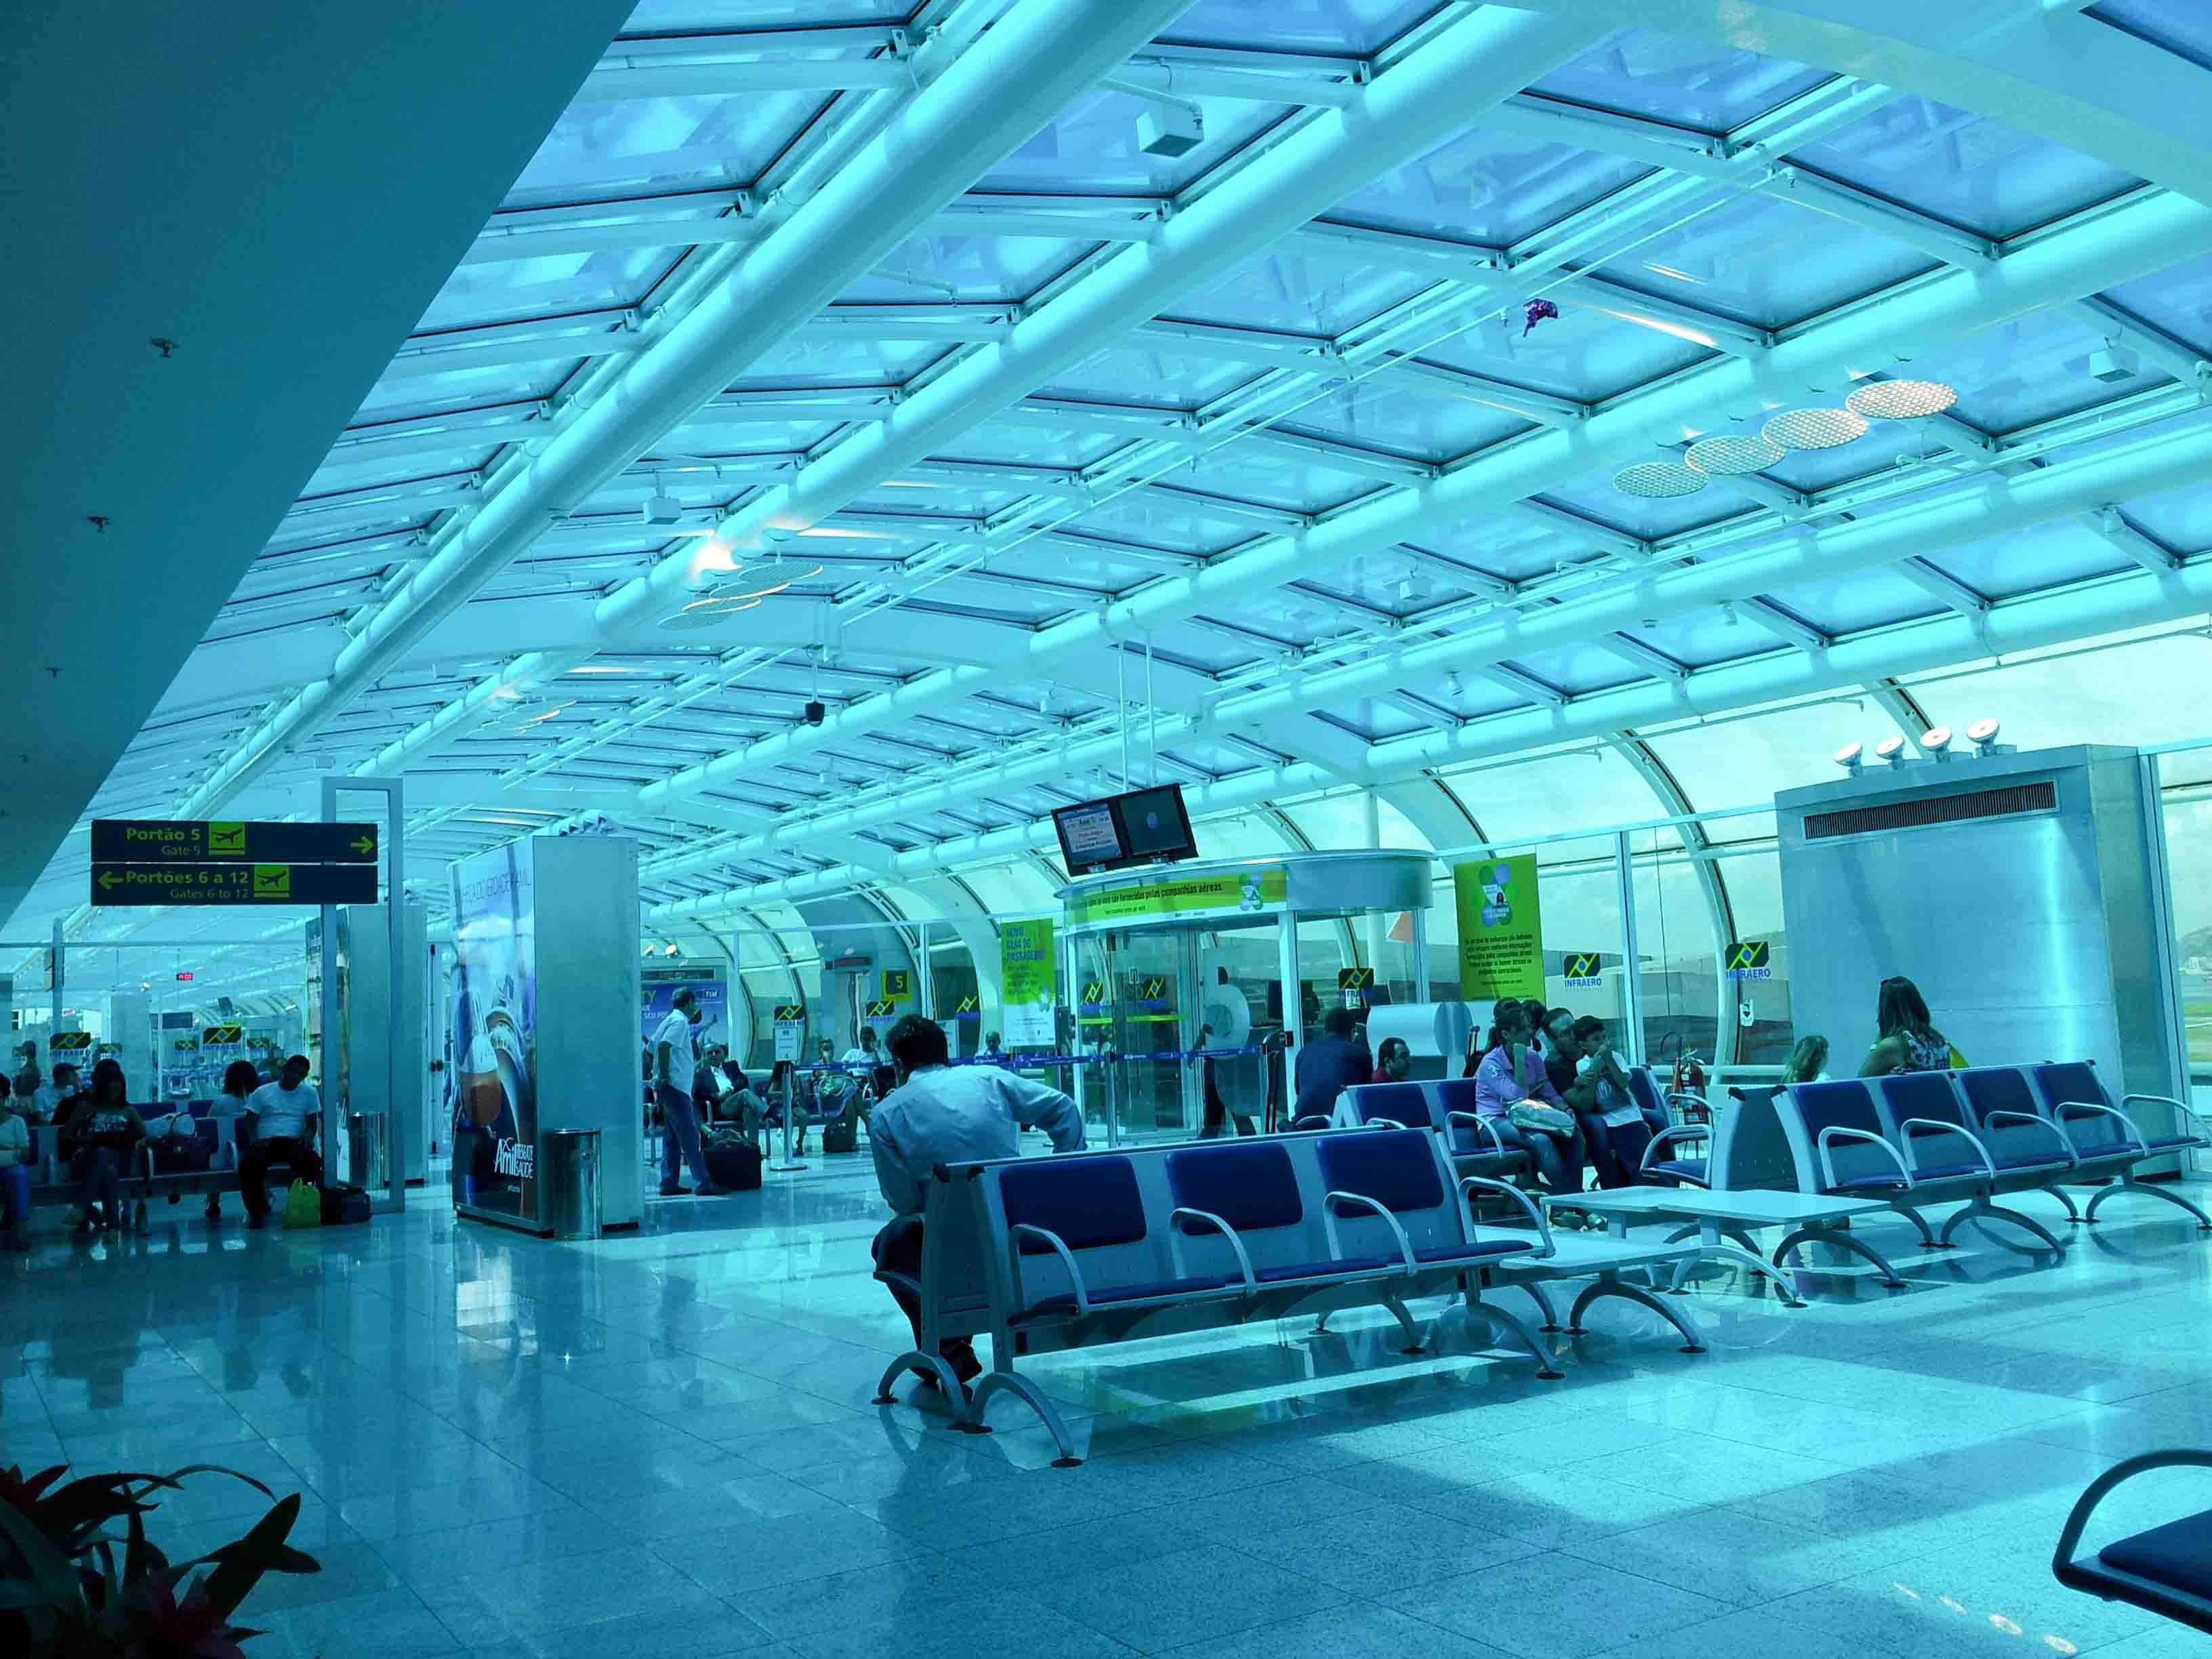 Aeroporto Rio De Janeiro : Portão de embarque aeroporto santos dumont rio